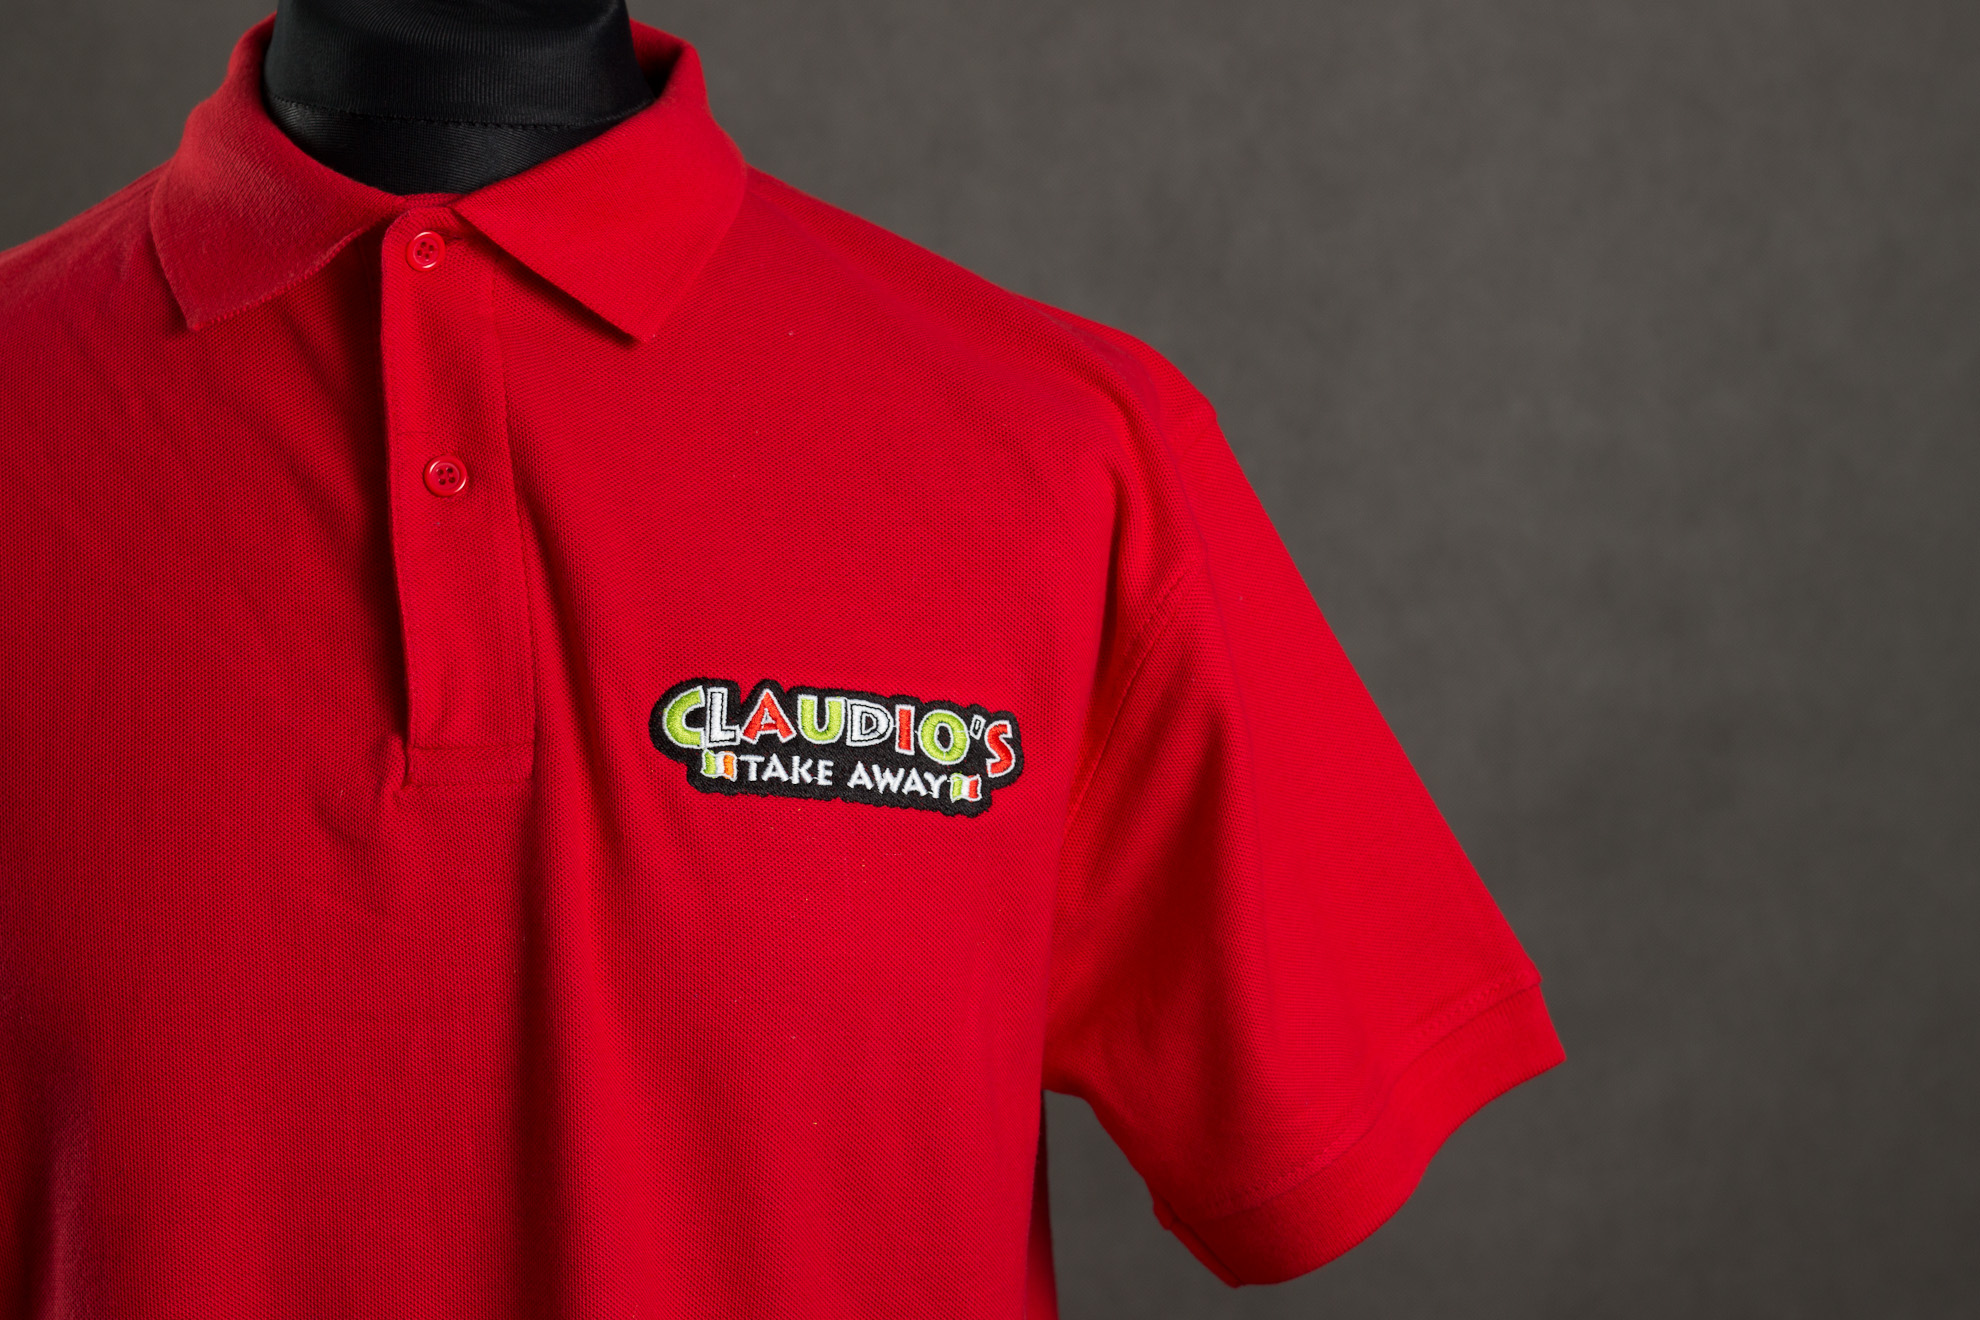 T shirts embroidery dubai tshirts printing dubai for Company logo t shirt printing